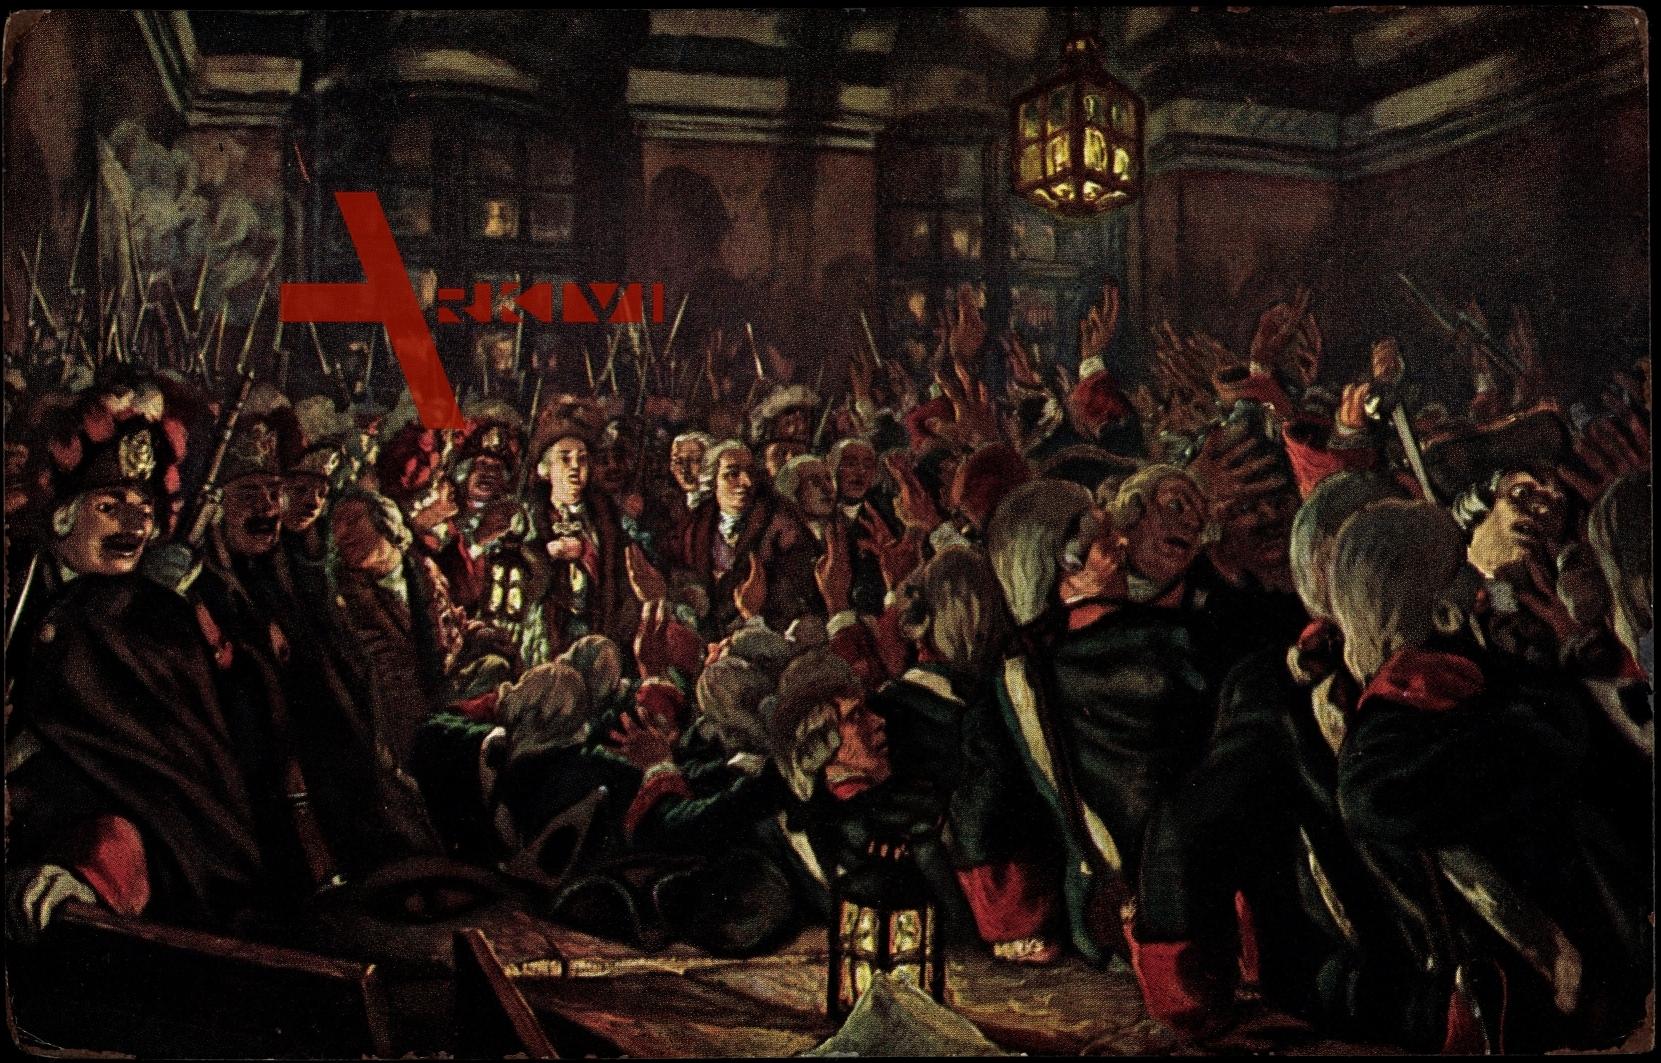 Kronprinzessin Elisabeth vereidigt am 25. Nov 1741 das Preobraschenski-Garderegiment zum Staatsstreich